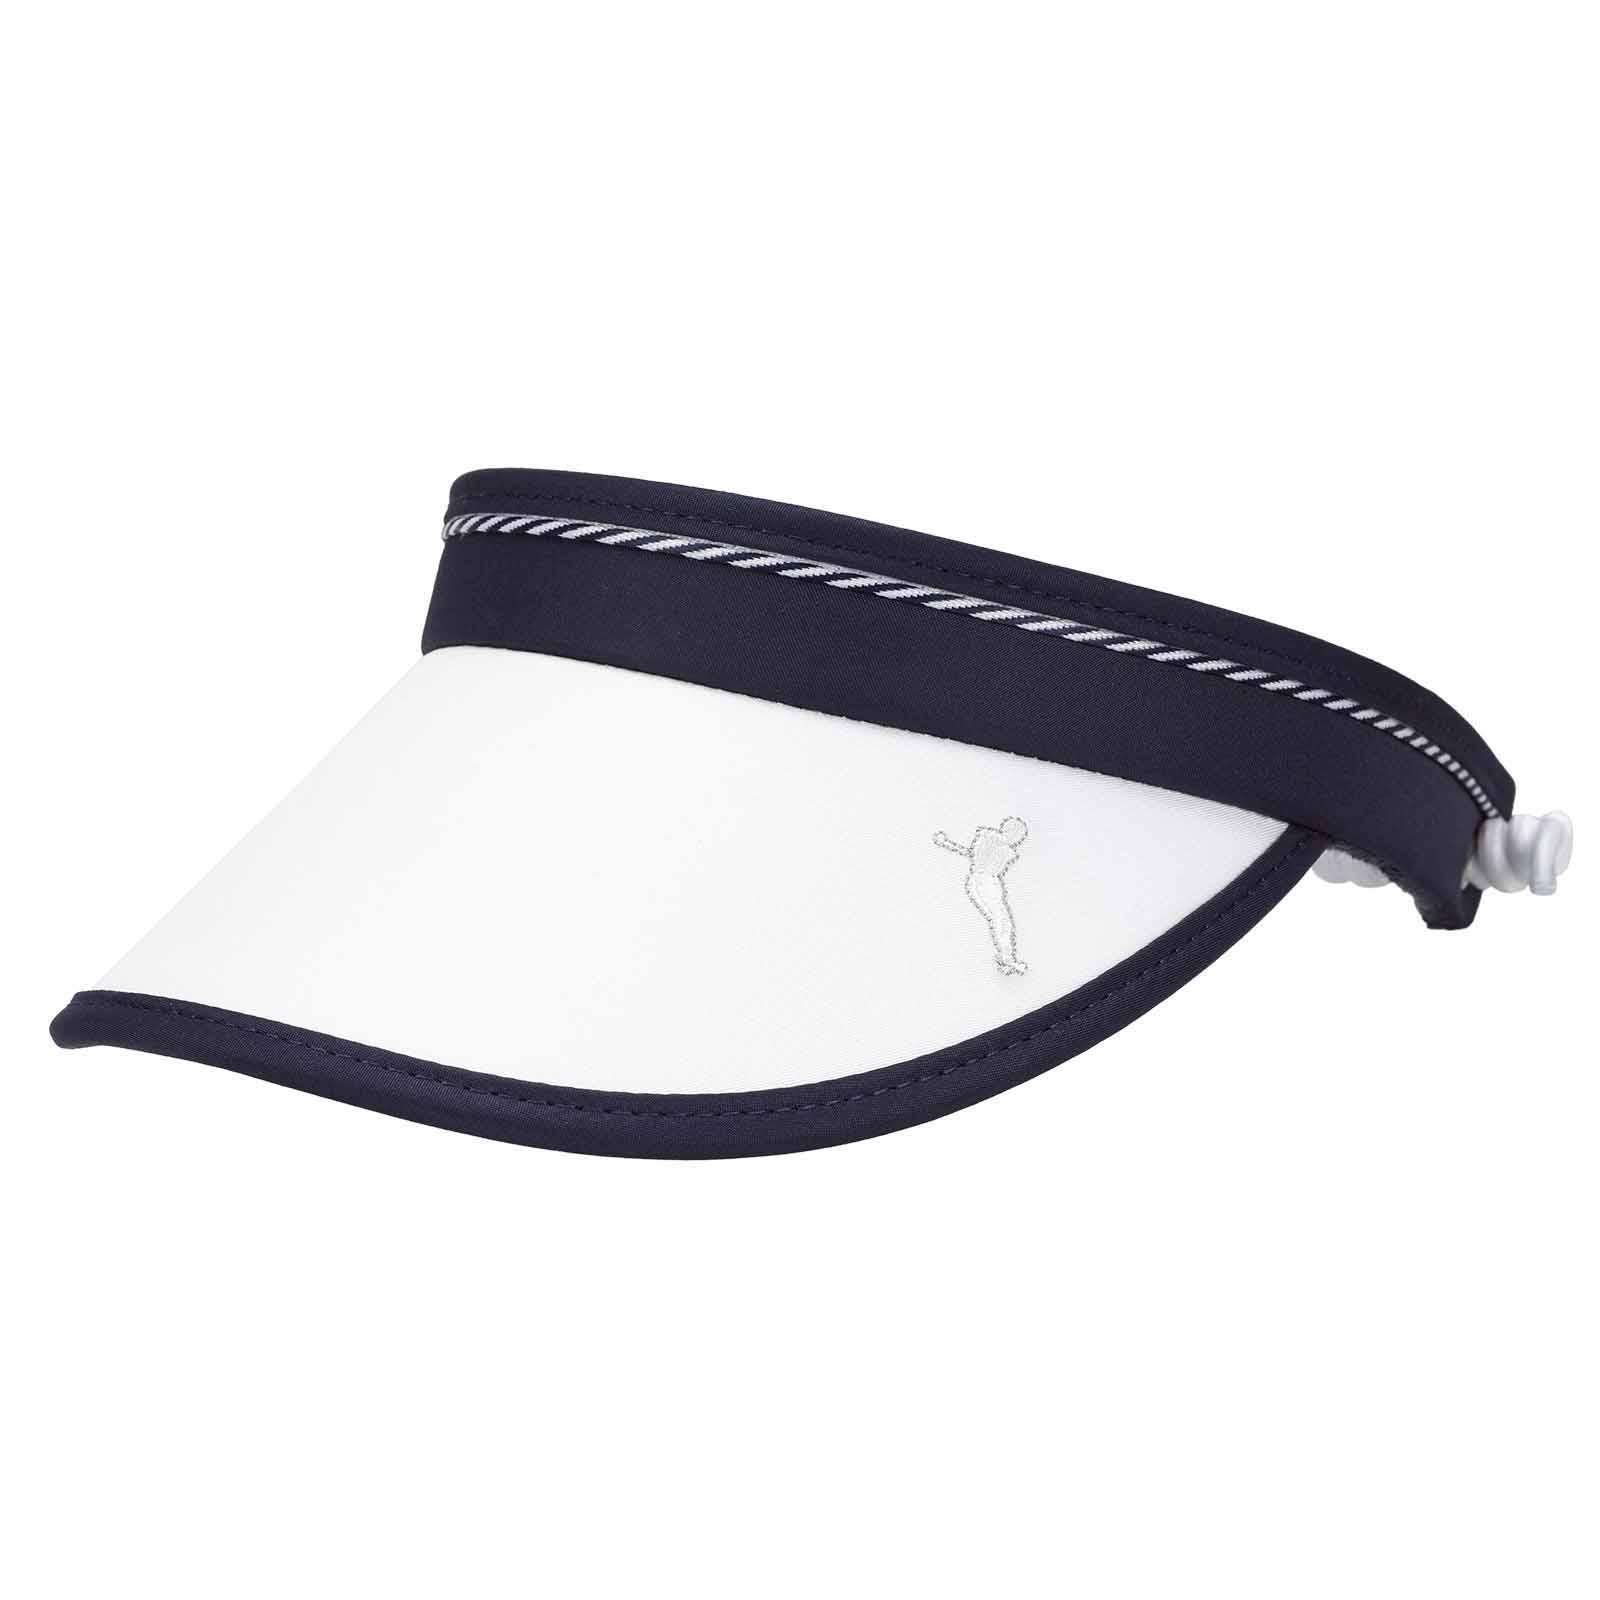 Damen Golf Cable Visor mit Sonnenschutz Funktion, gefüttert mit Frottee